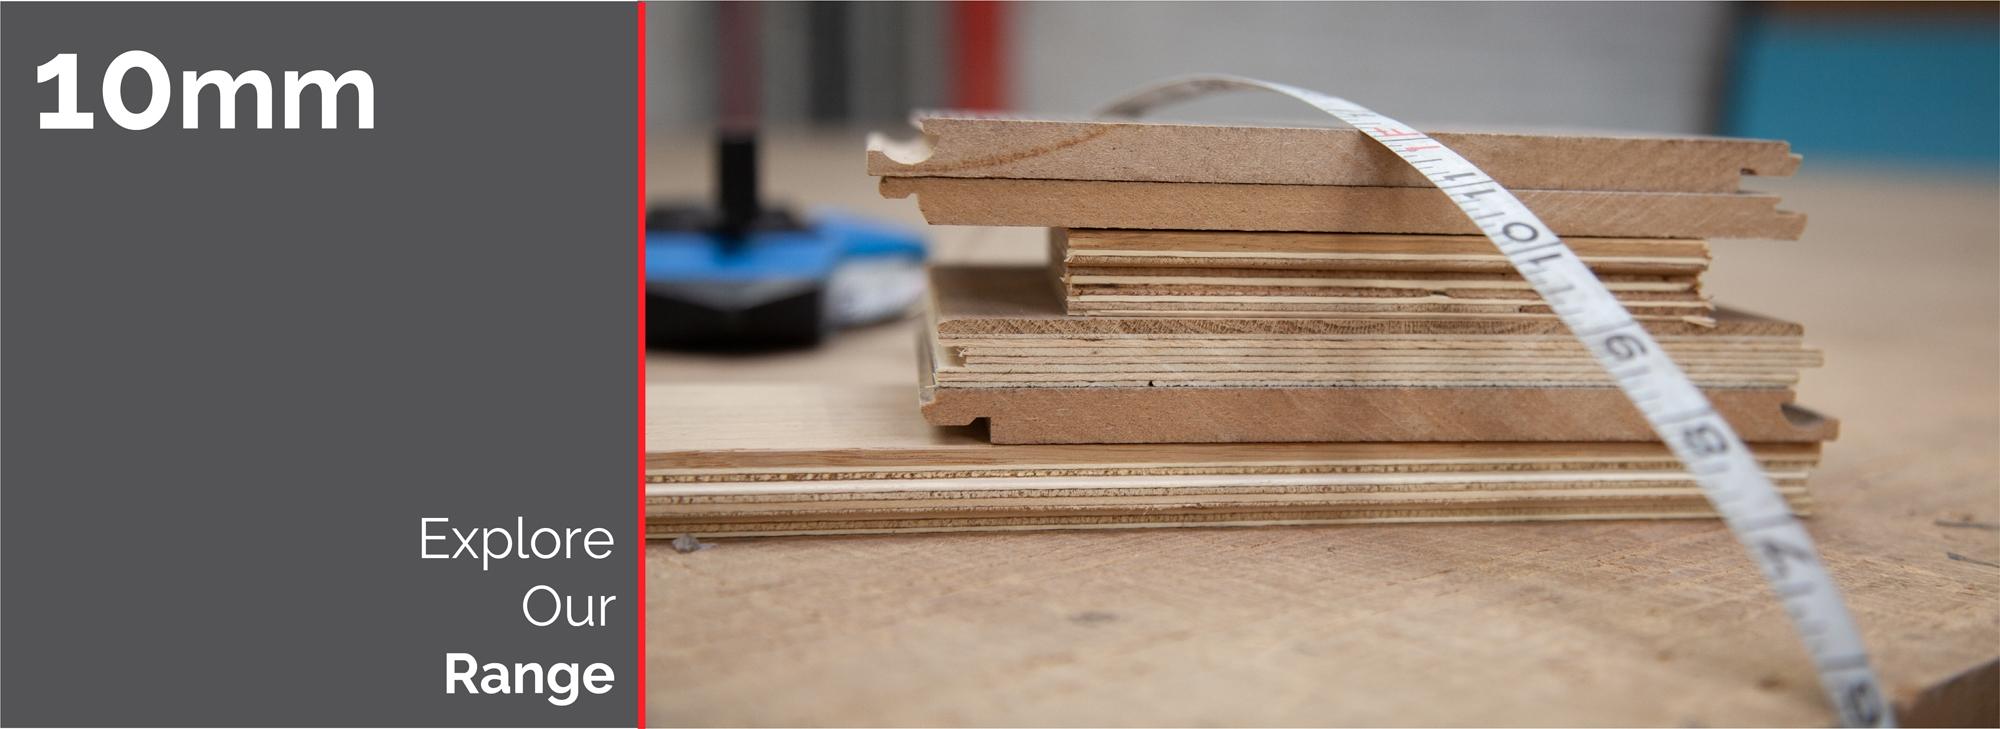 10mm Flooring